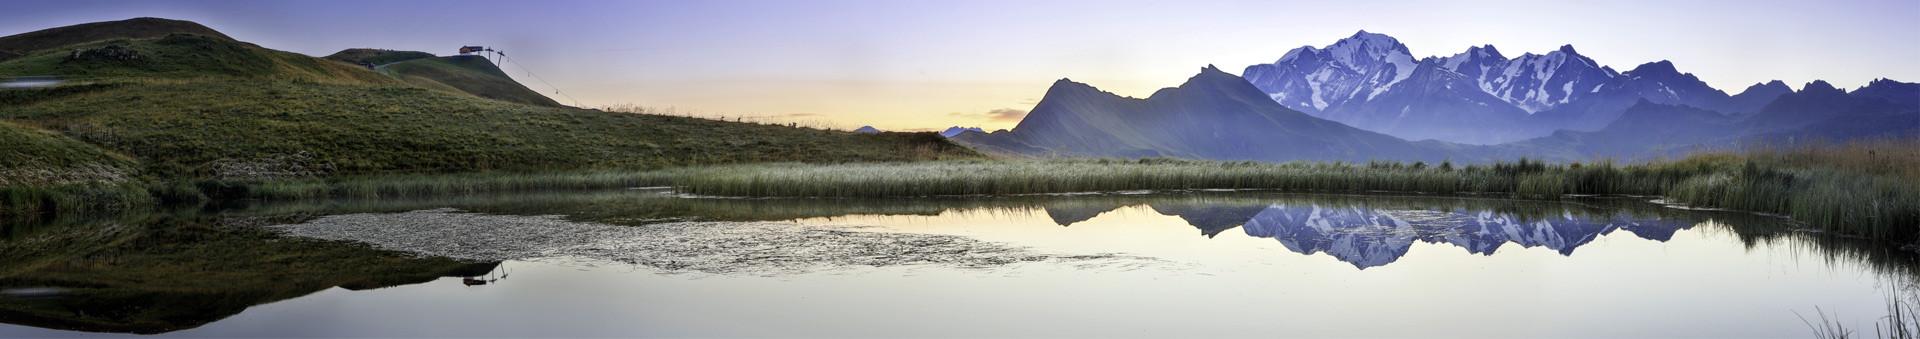 pechette-lac-mont-blanc-2560